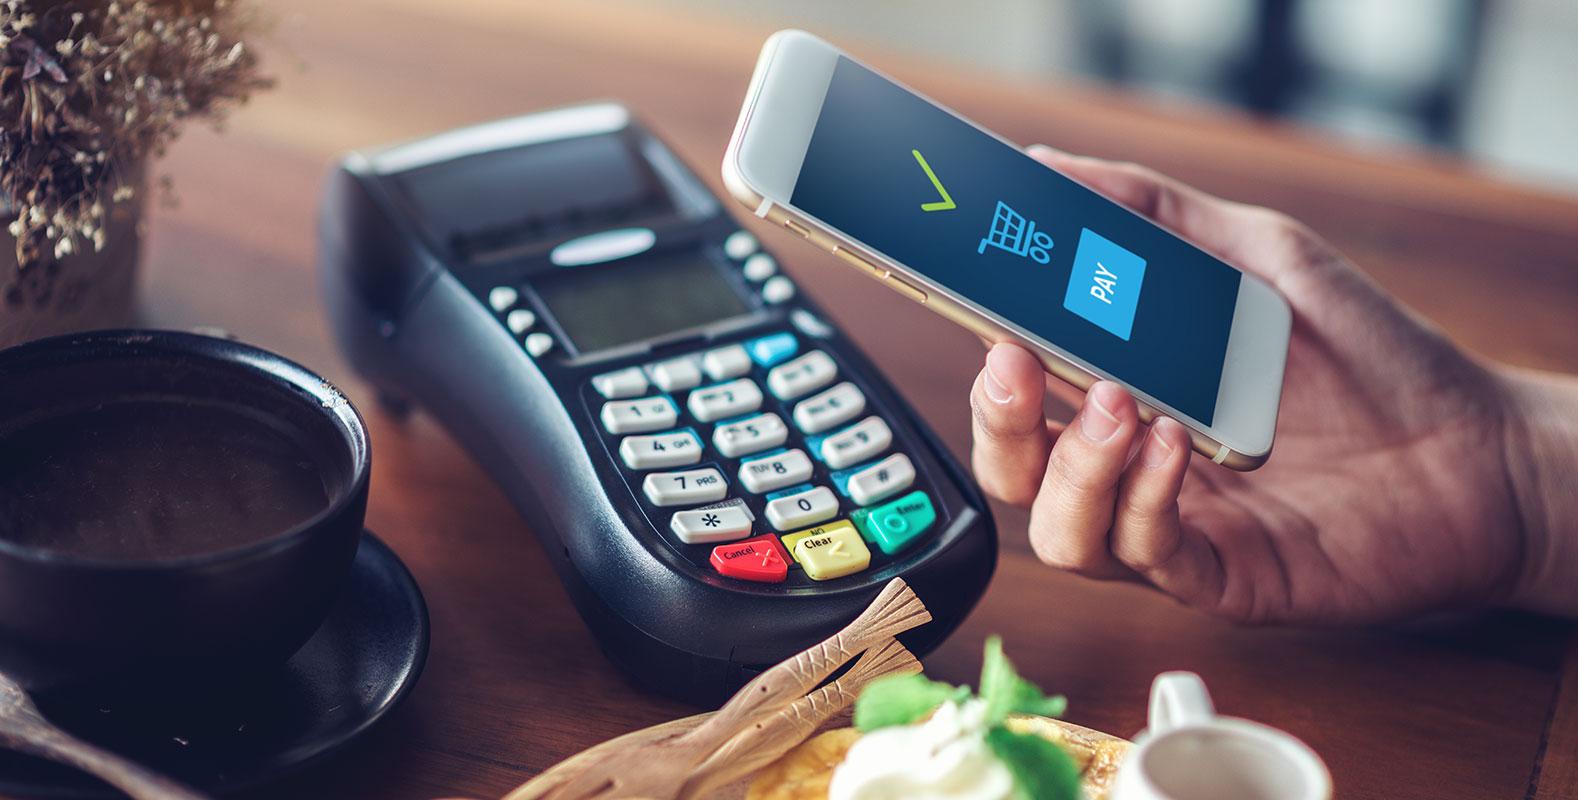 commerçants : création d'applications mobiles pour votre entreprise (vente et paiement)